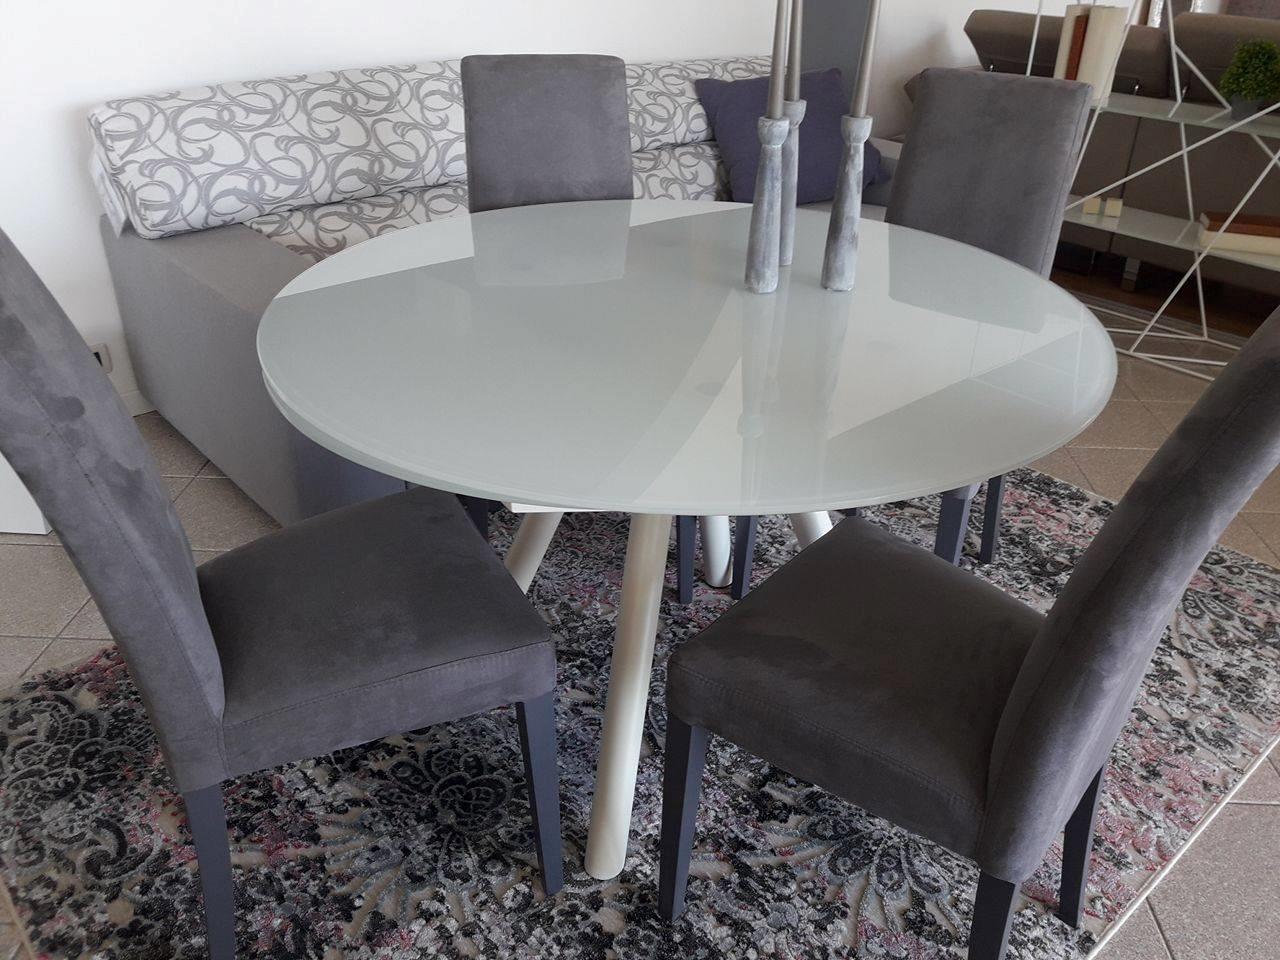 Tavolo orbit rotondo allungabile tavoli a prezzi scontati - Tavolo rotondo allungabile prezzi ...